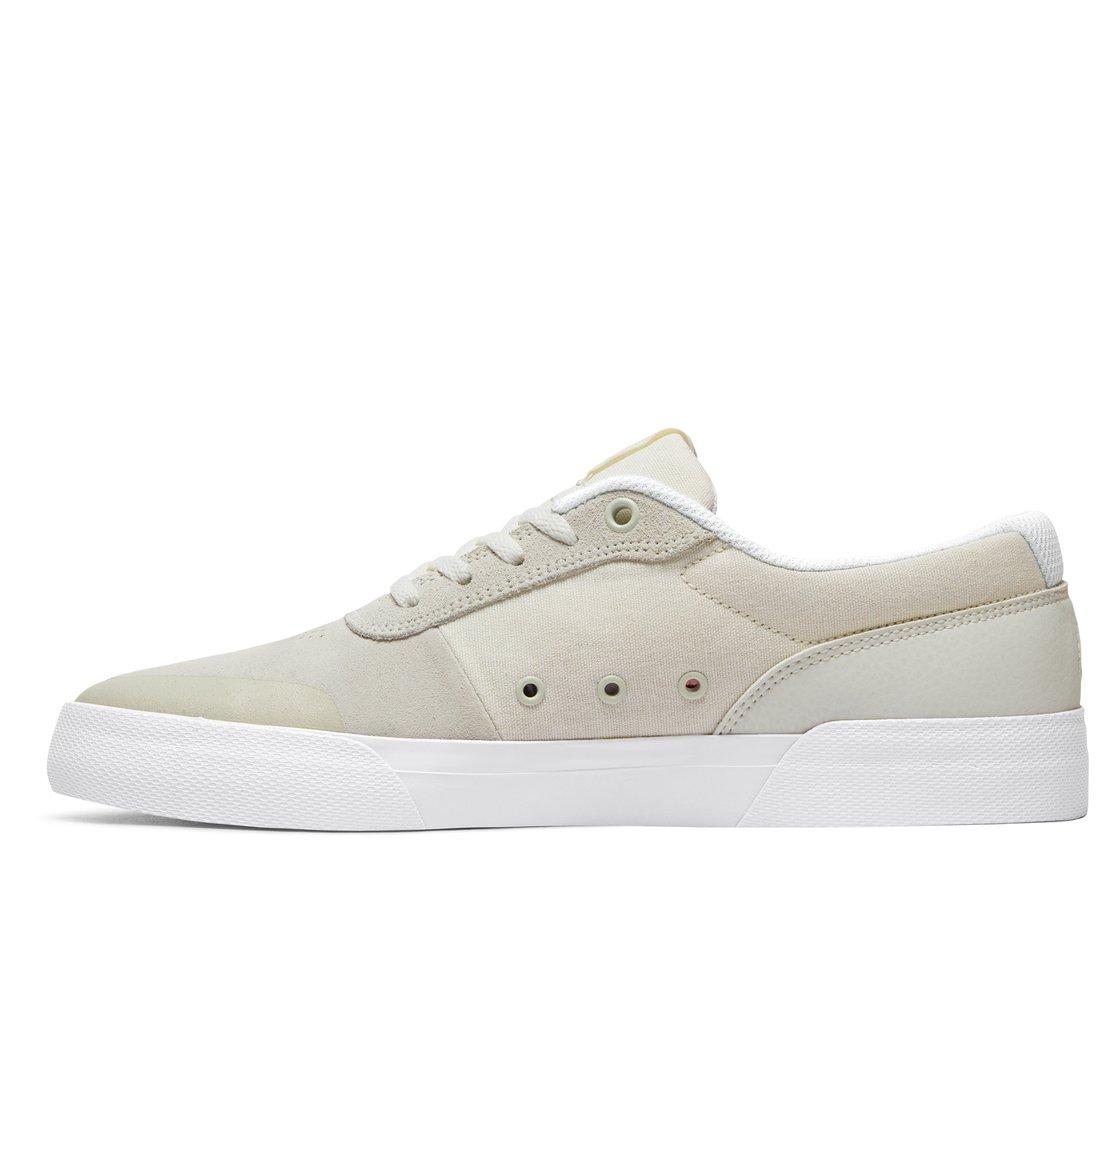 7672b249ab5d2 Switch Plus S - Chaussures de skate - Blanc - DC Shoes DUAnPOT